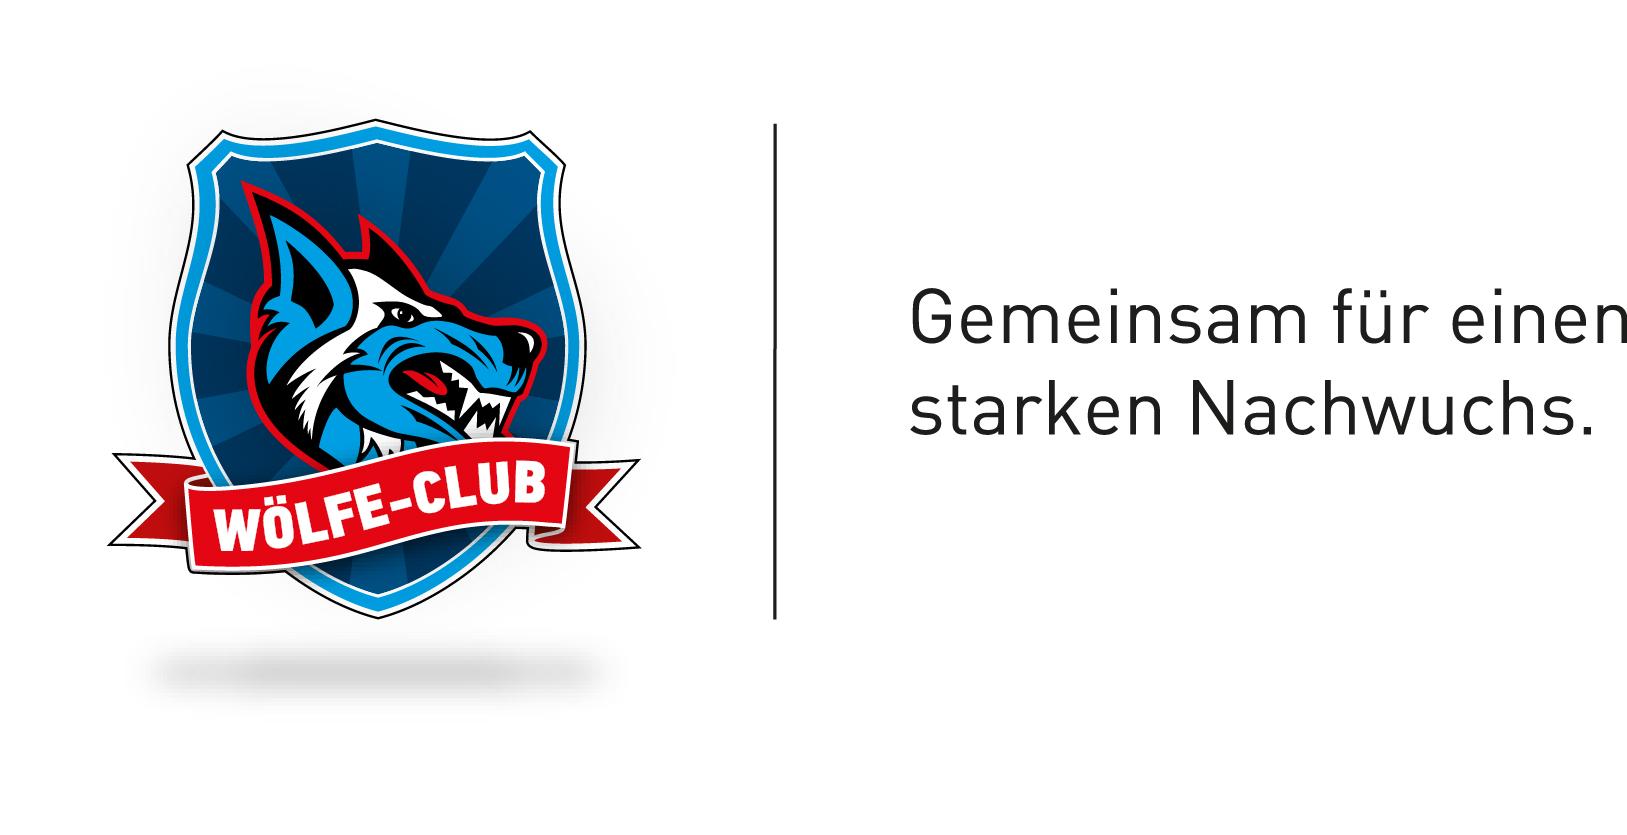 ver-wc-logo-blau-text